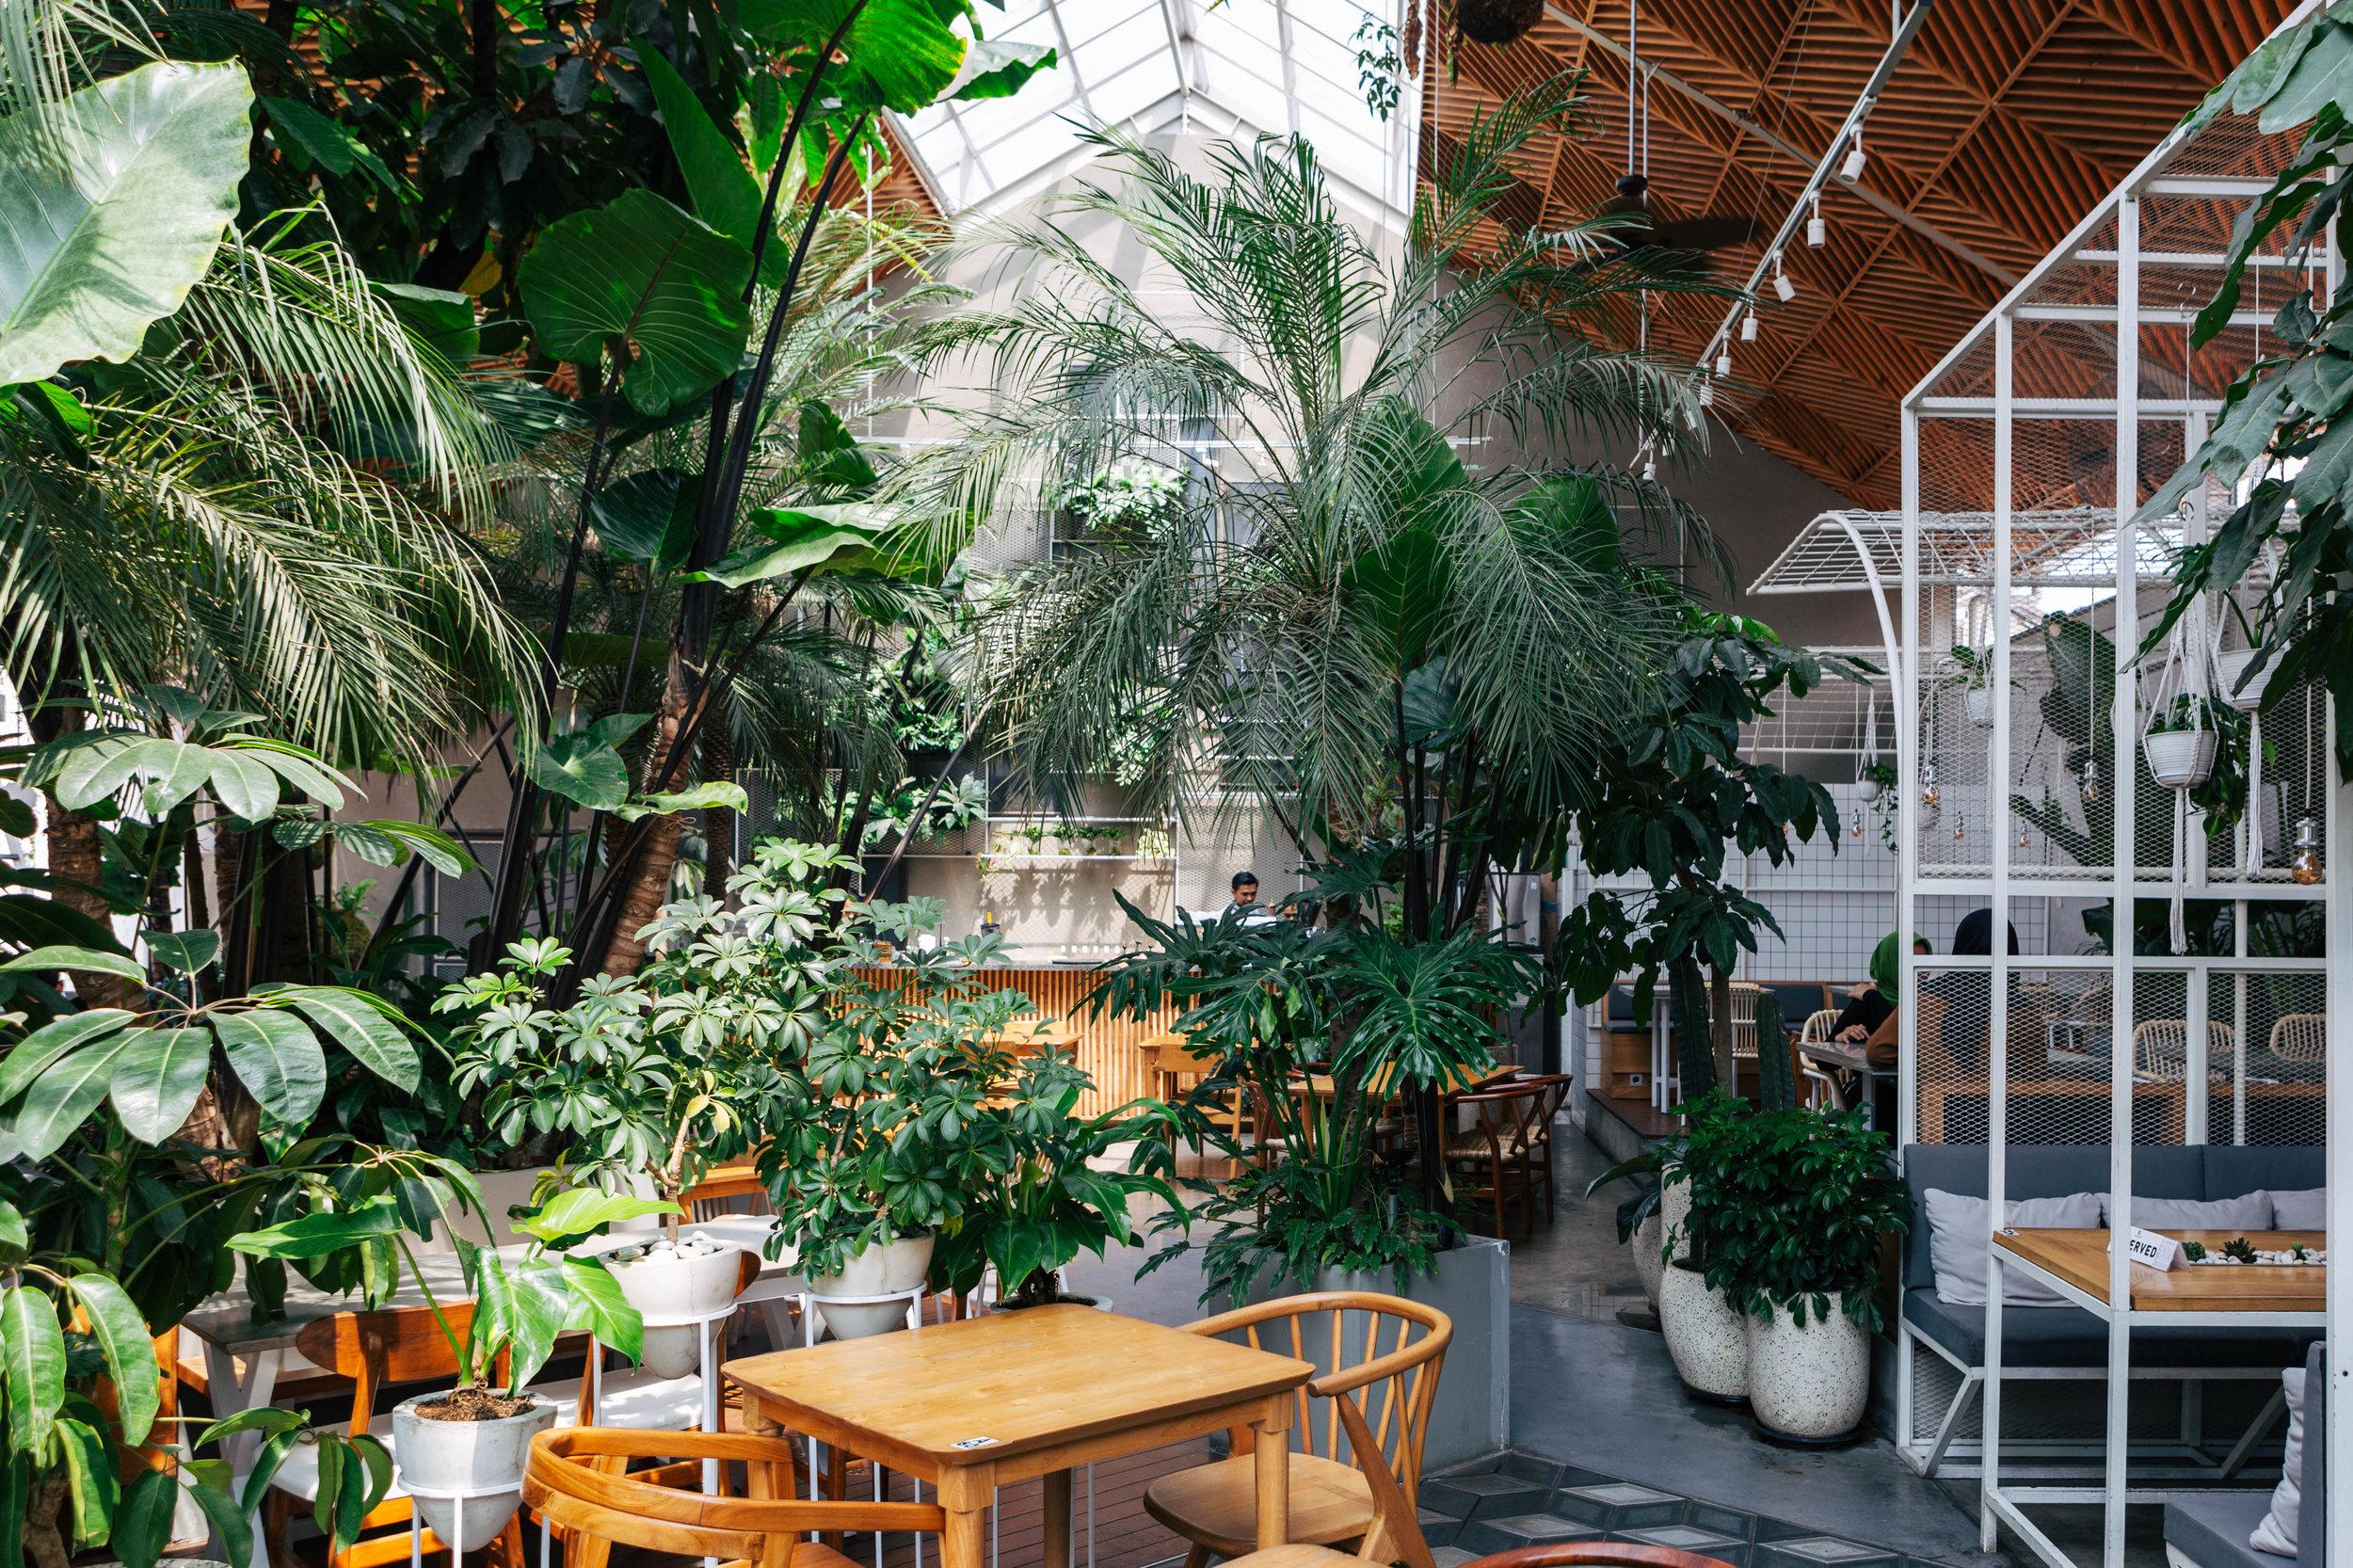 Cafe Jardin Bandung